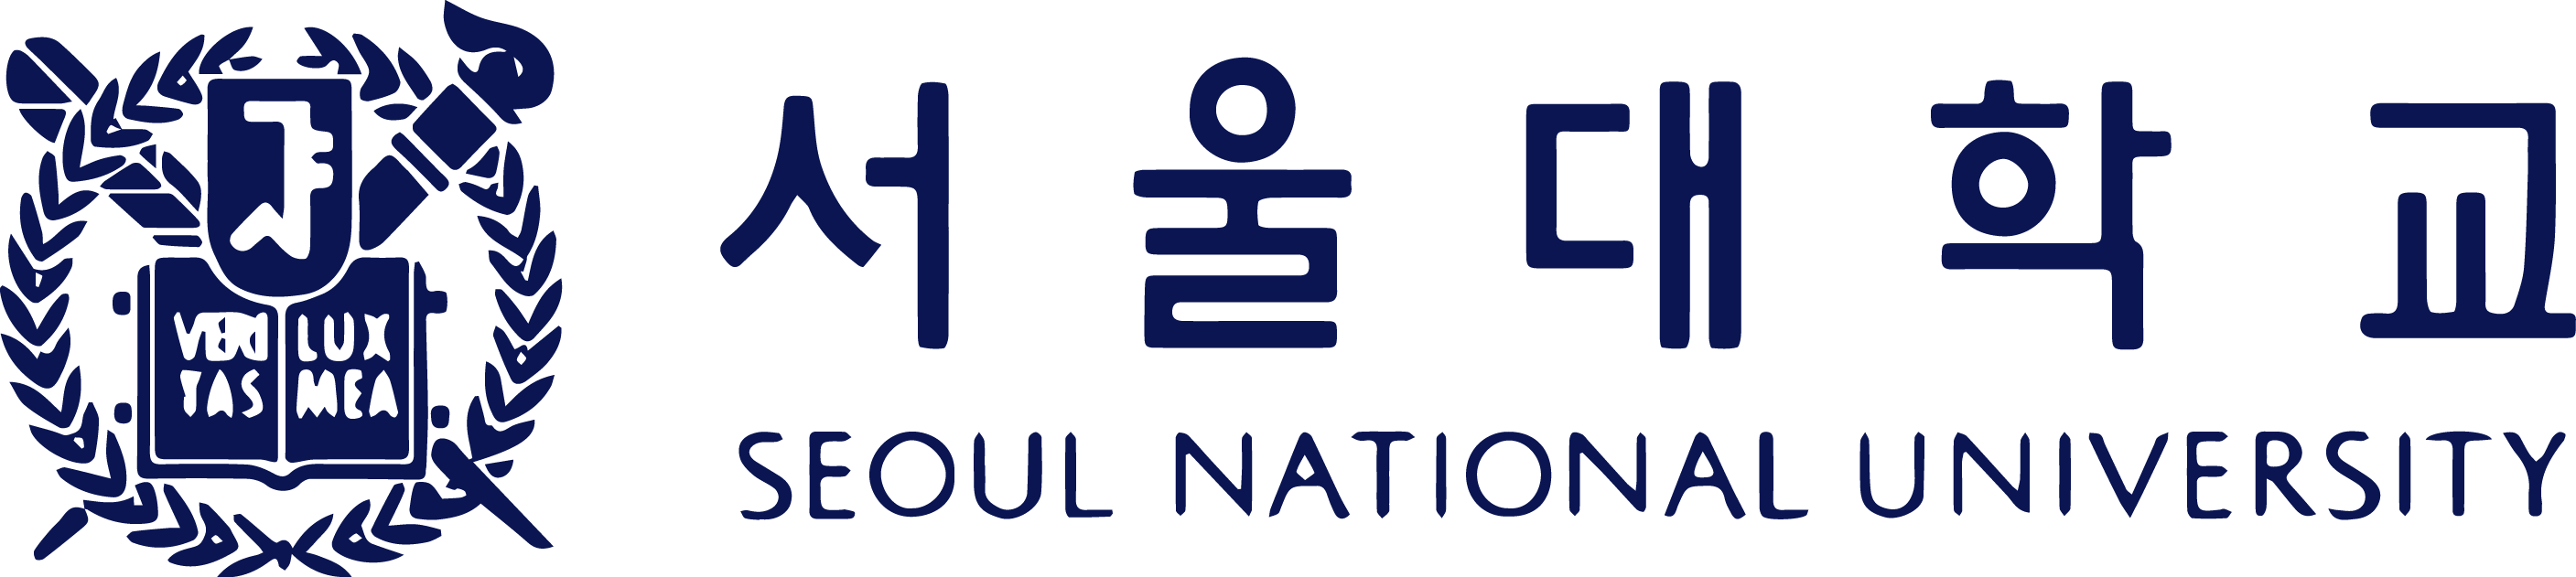 Seoul National University Logo